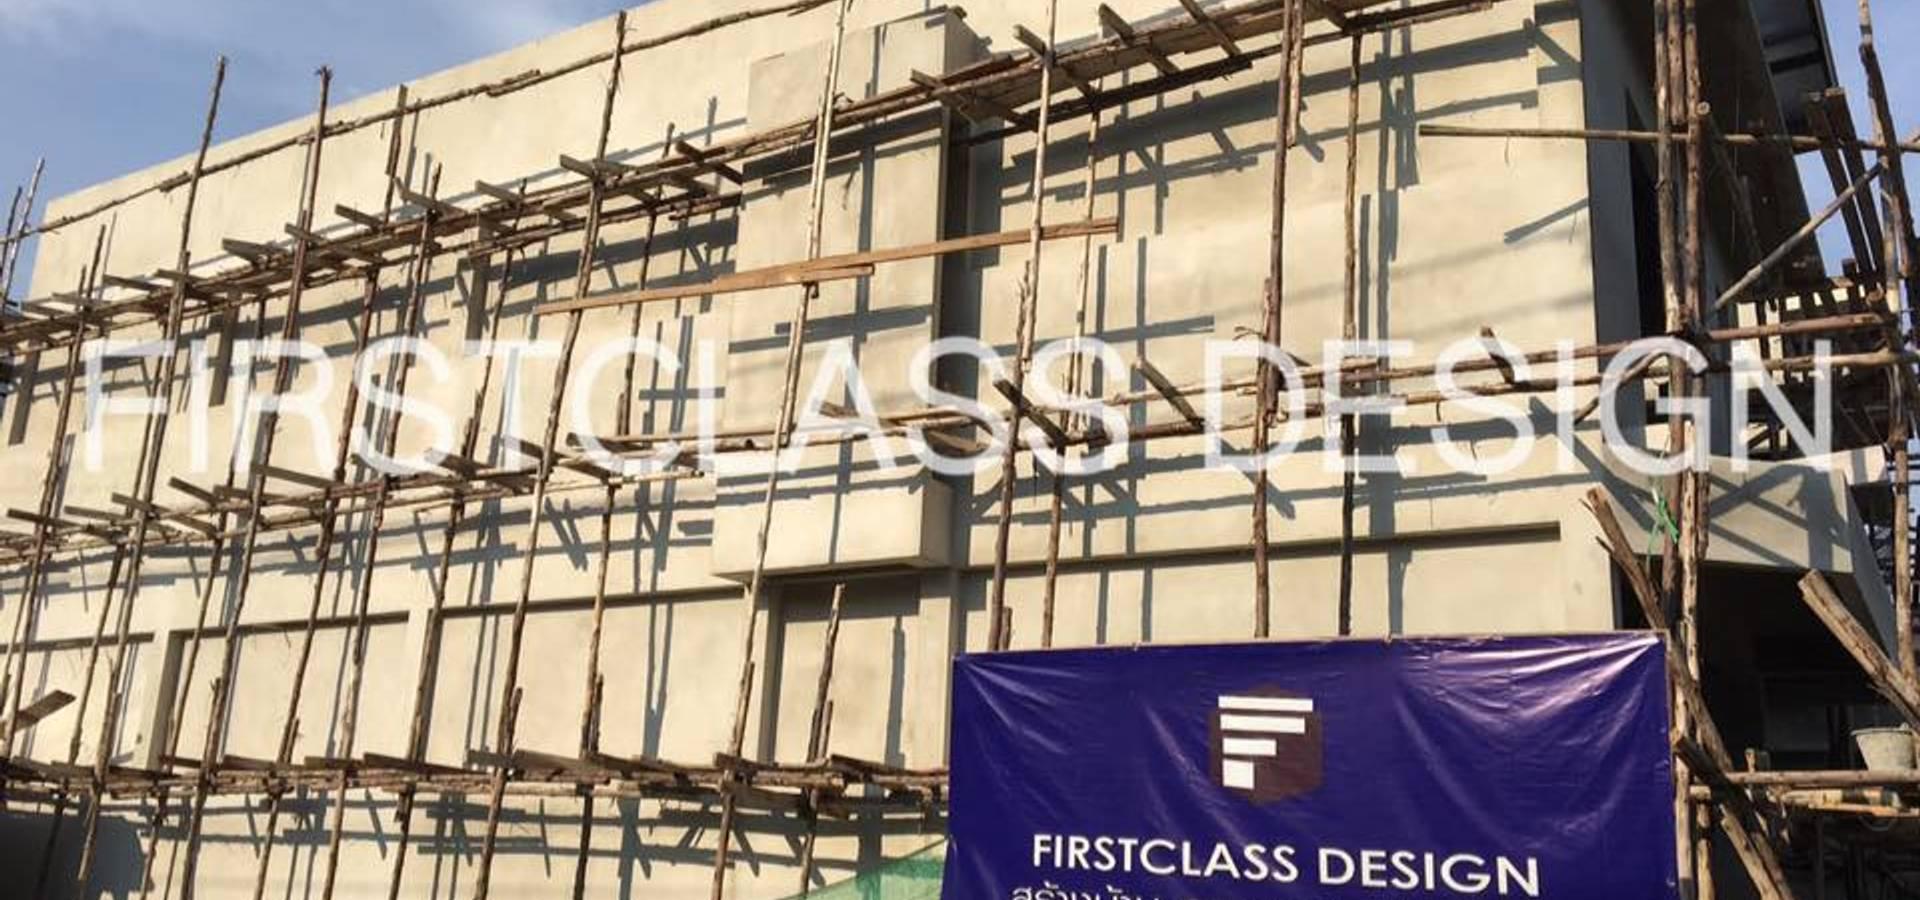 Firstclass Design .Co., Ltd.